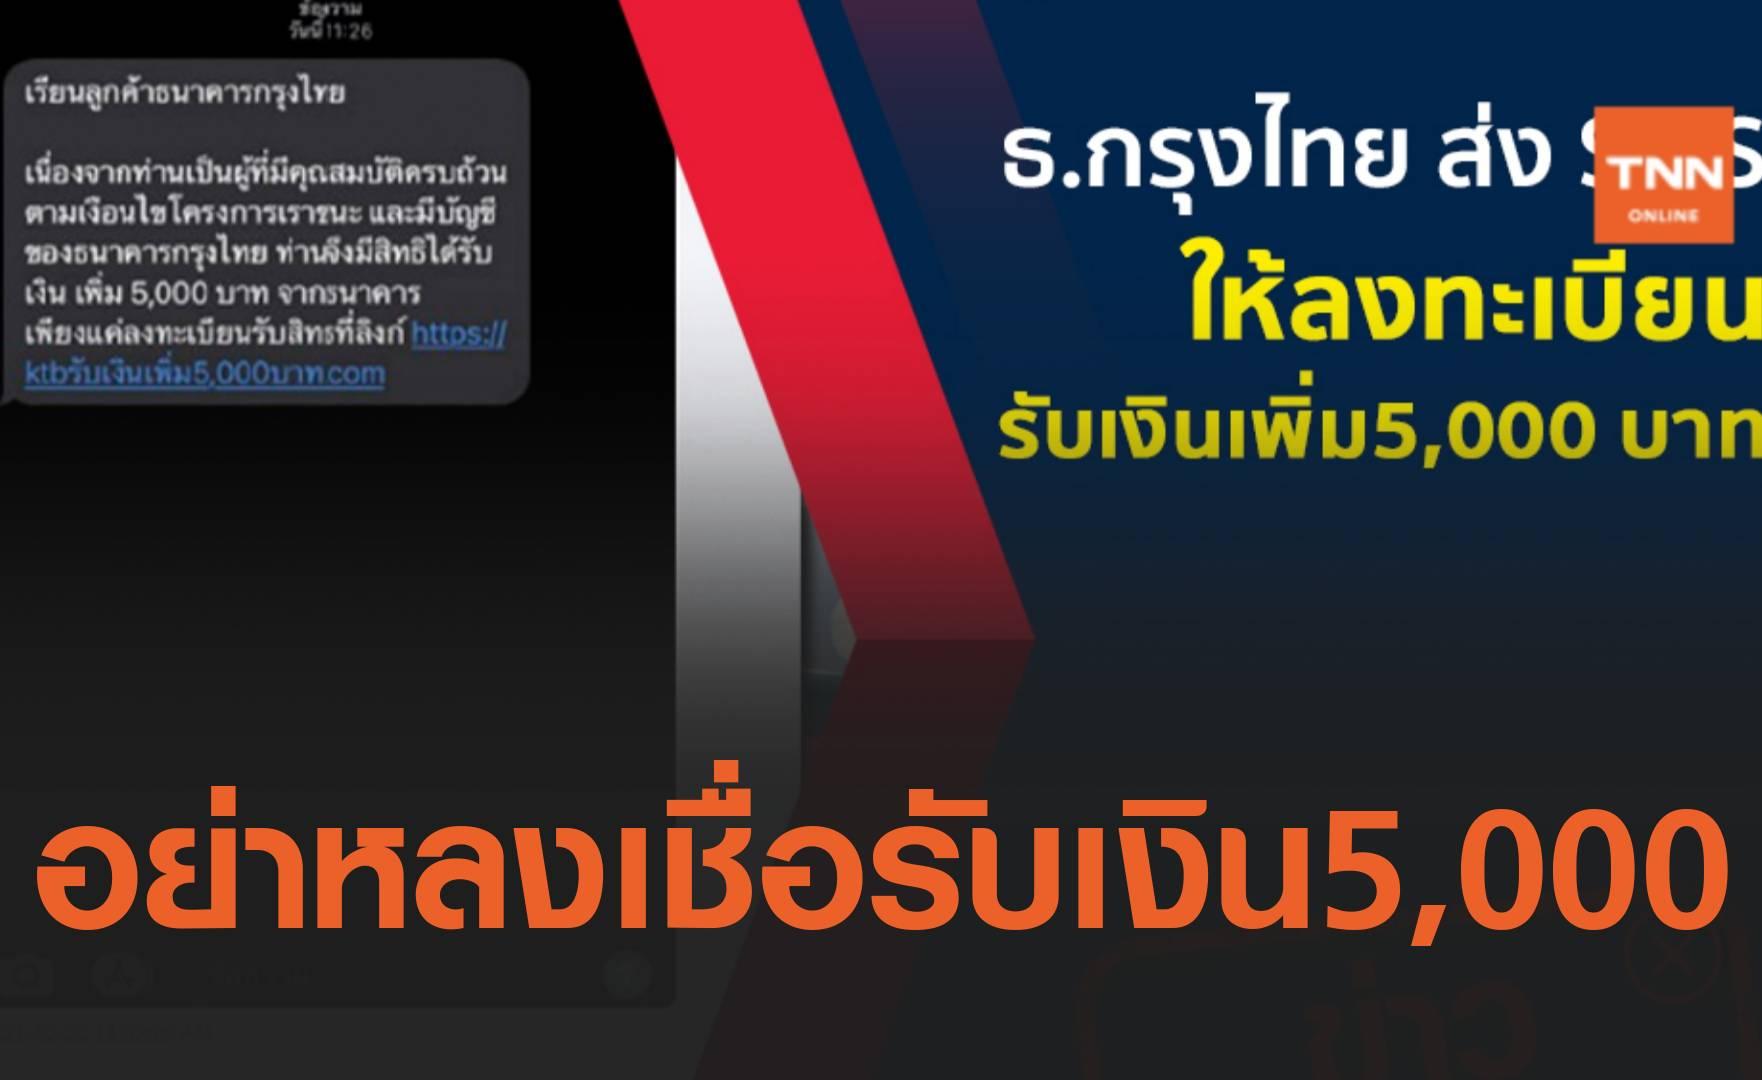 ข่าวปลอม อย่าแชร์! ธ.กรุงไทย ส่ง SMS ให้ลงทะเบียนรับเงินเพิ่ม 5,000 บาท